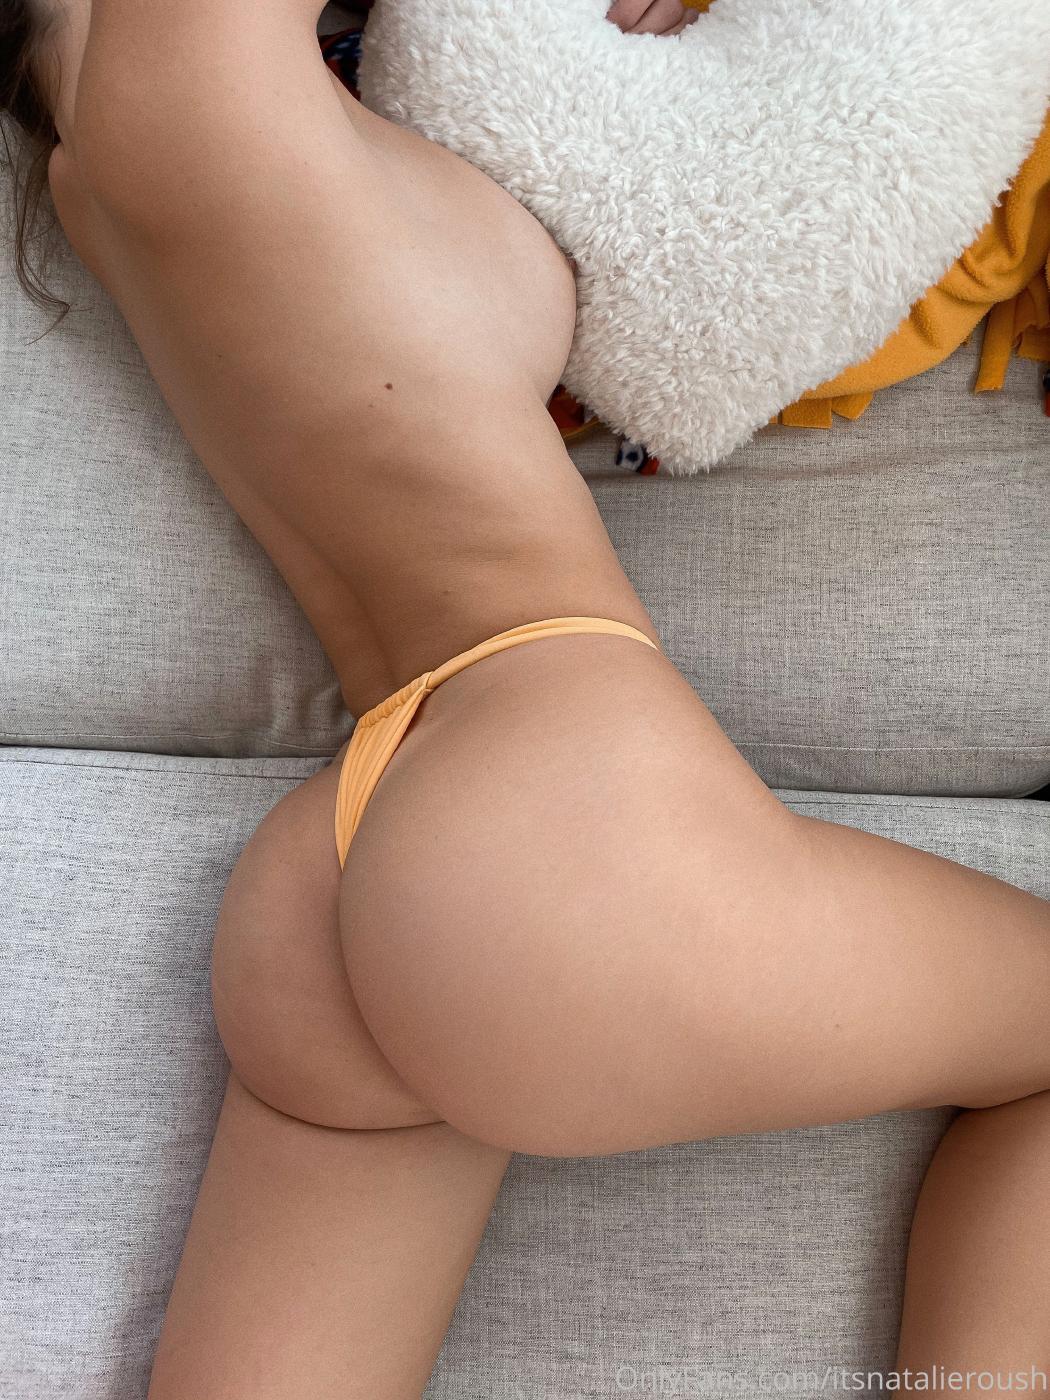 Natalie Roush Orange Thong Onlyfans Set Leaked Ybfmpf